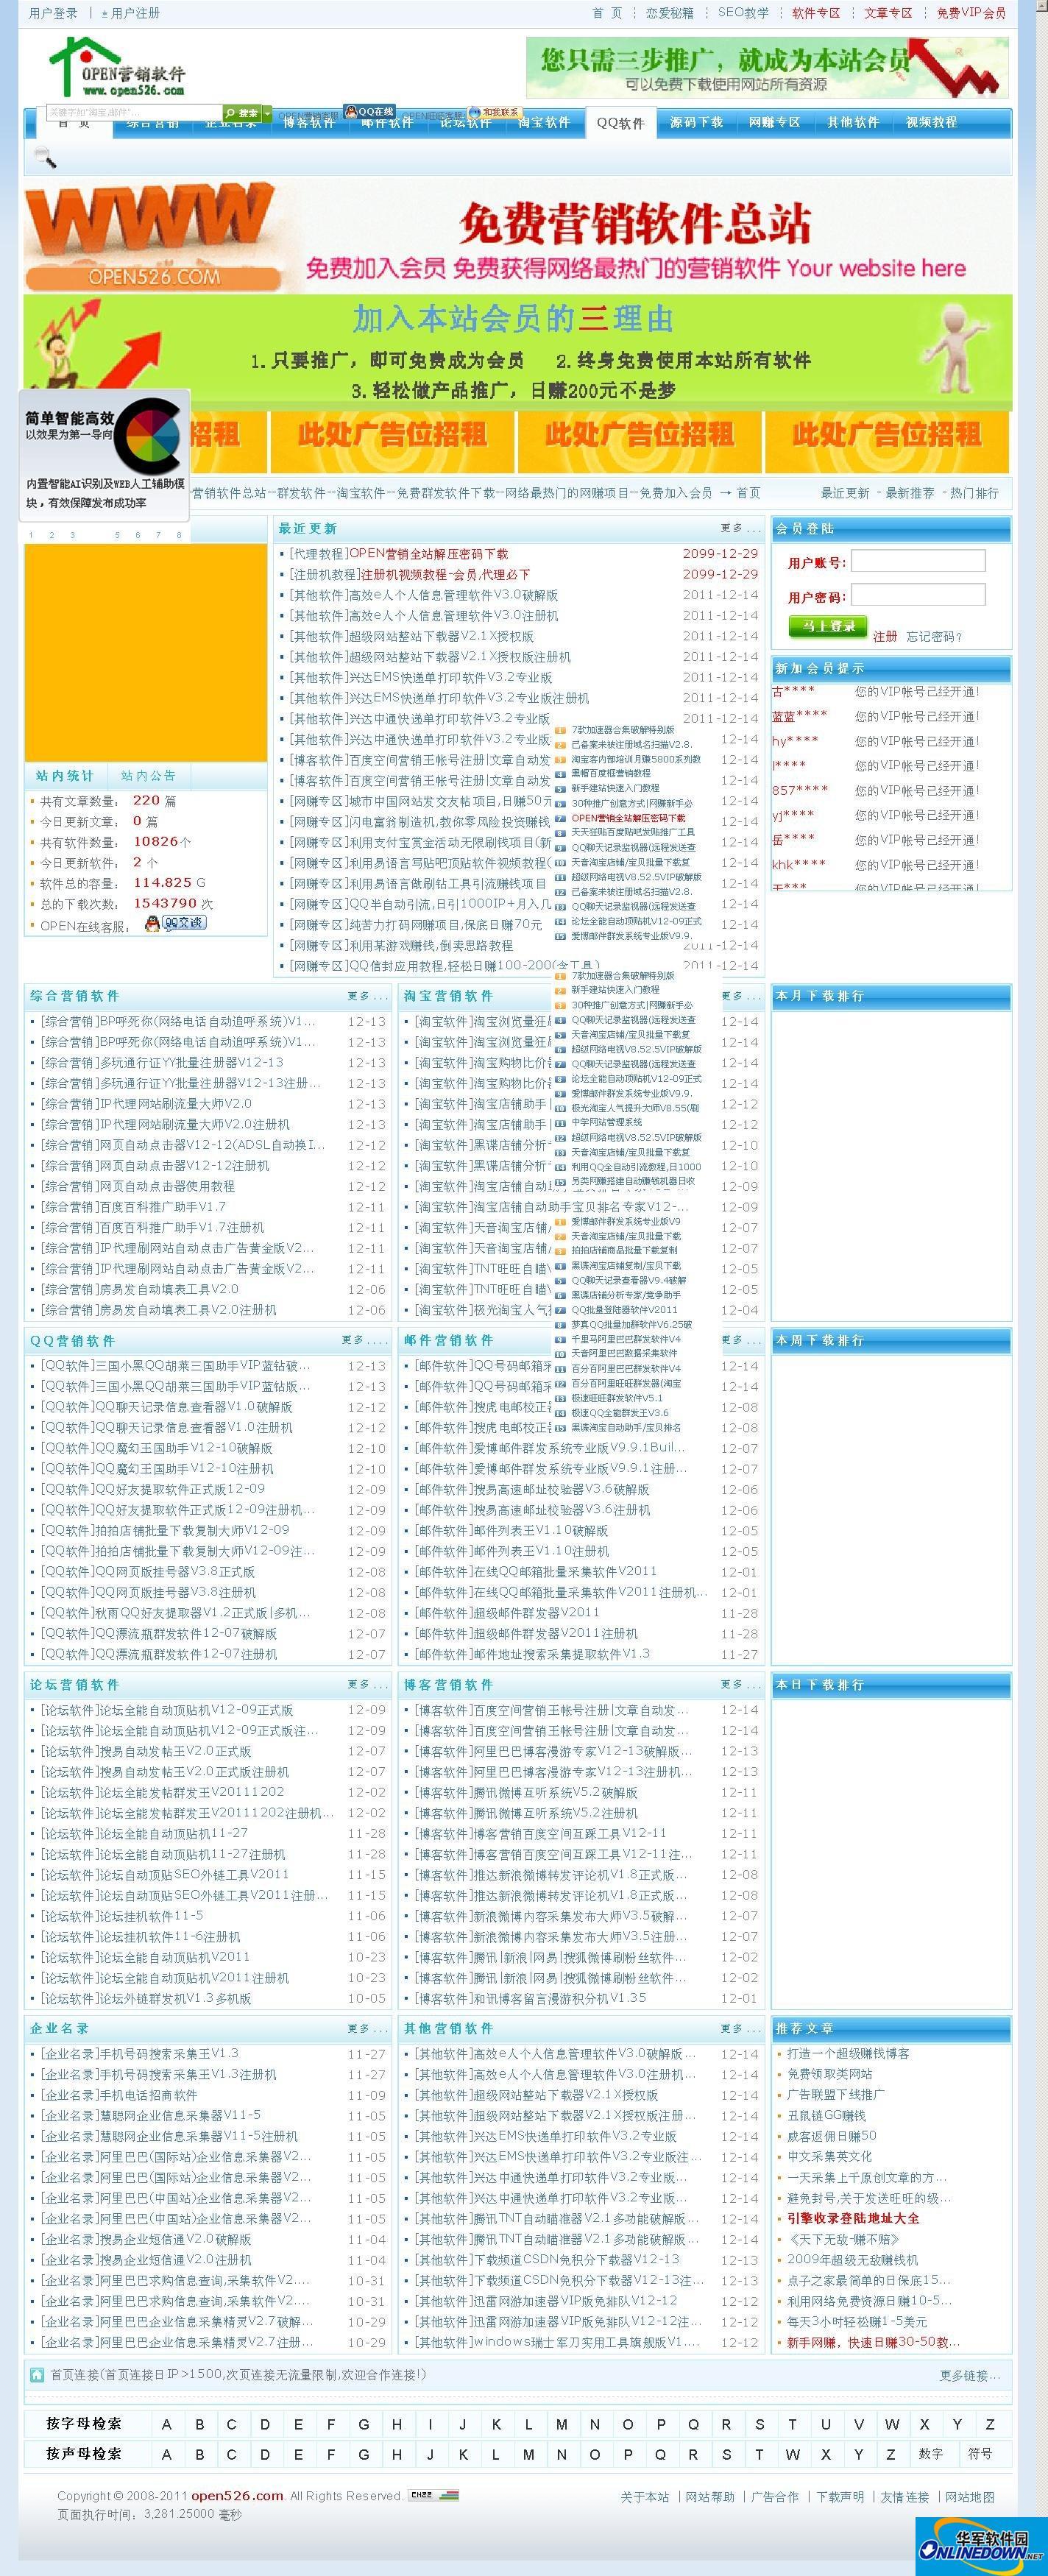 OPEN营销软件整站源码(带数据库)